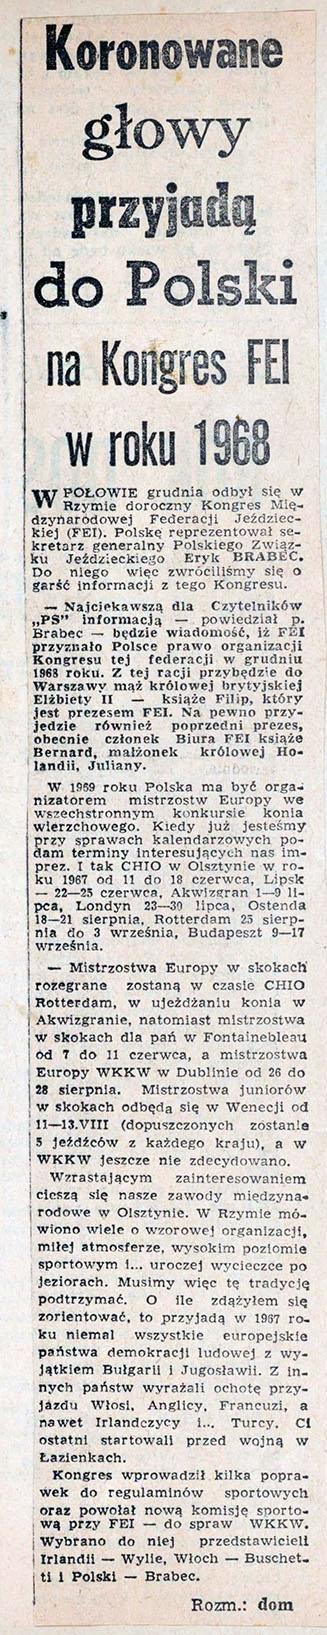 1968.01 - PRZEGLĄD SPORTOWY